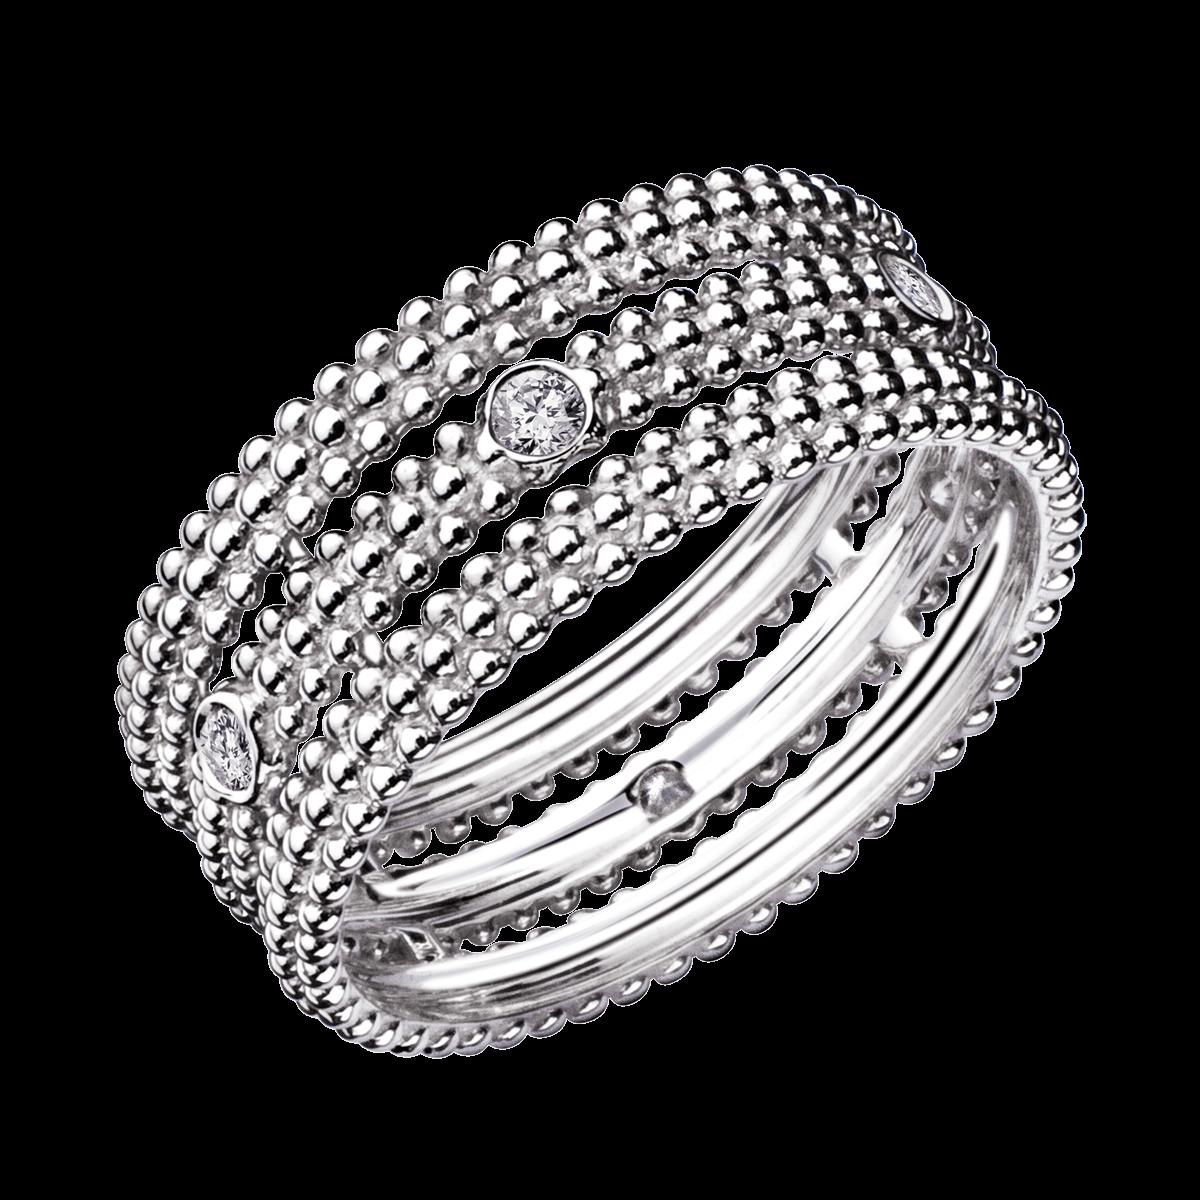 Favori Bague Le Premier Jour, or blanc, diamants - Mauboussin CS16